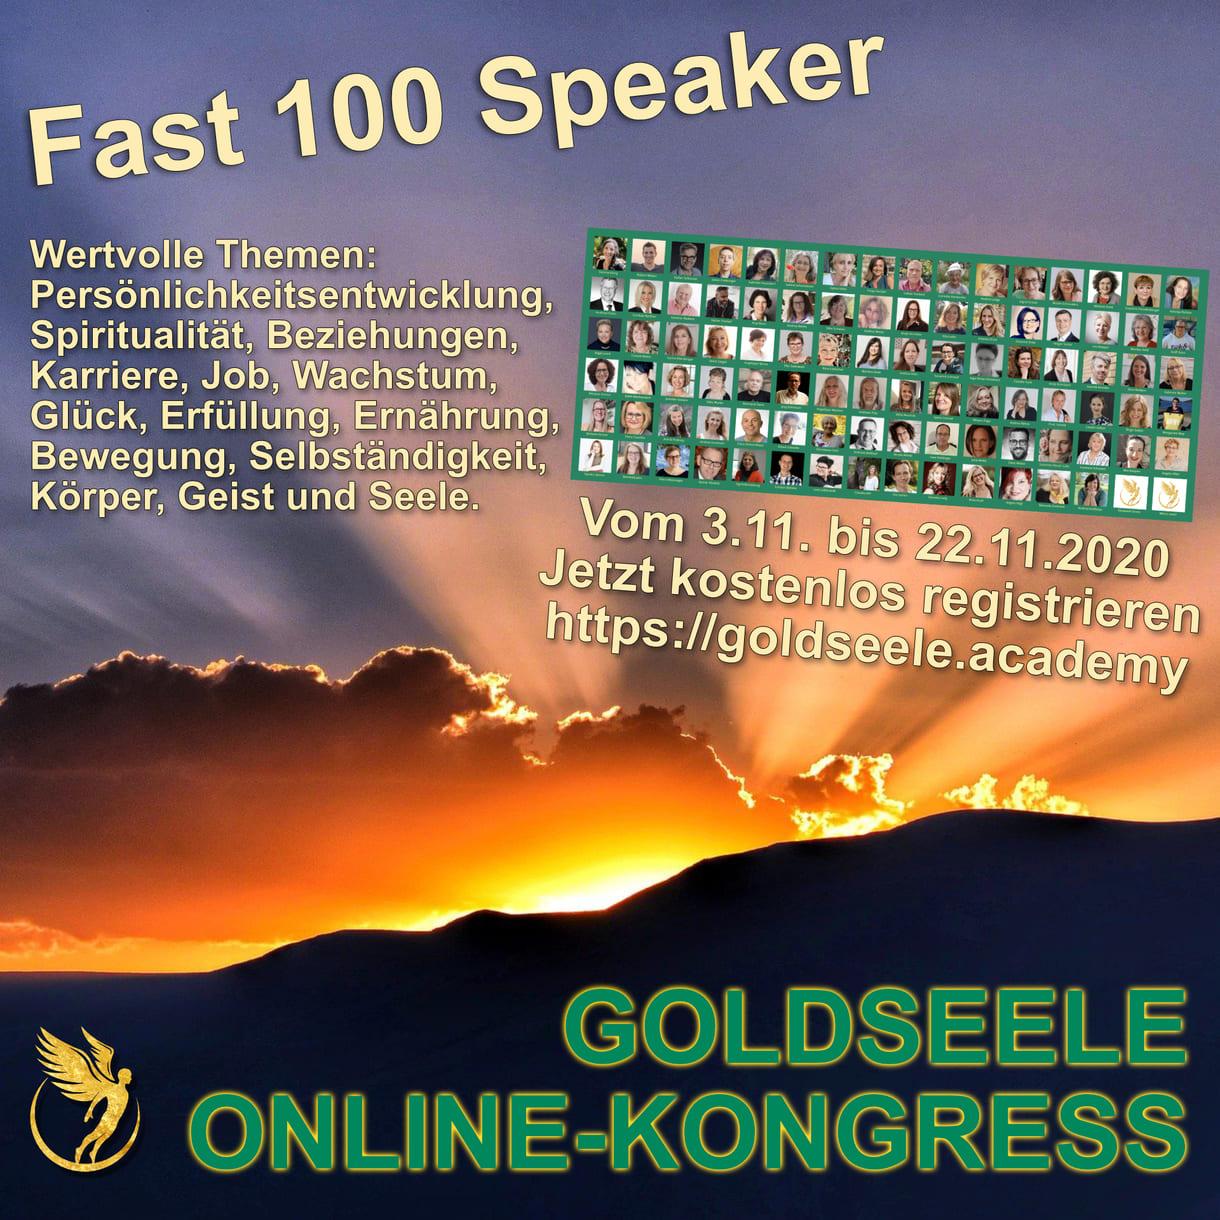 goldseele online-kongress